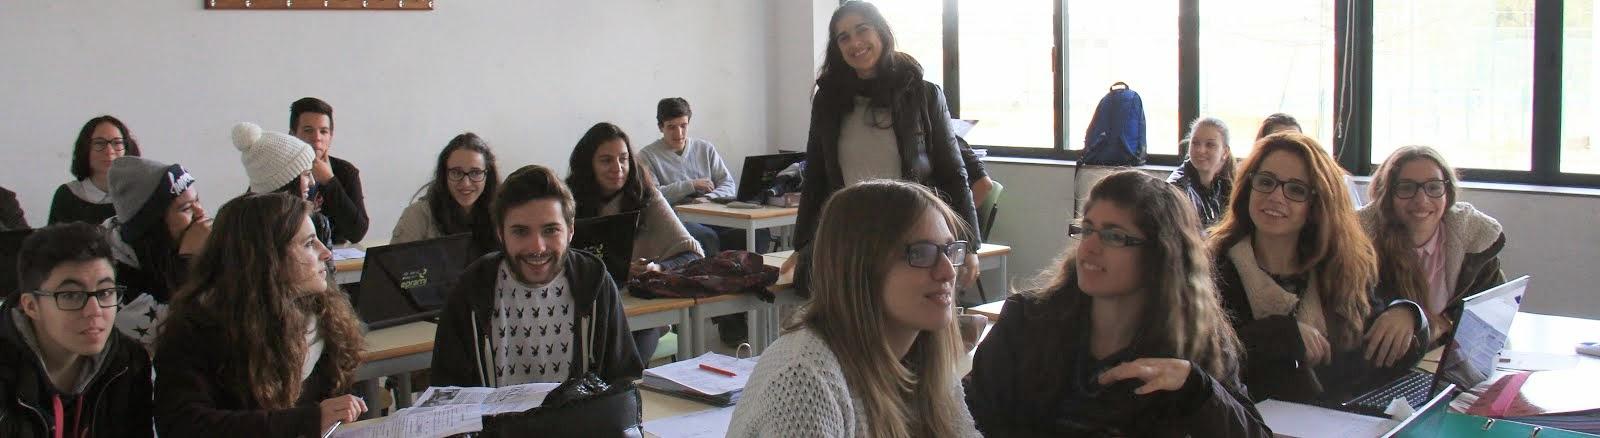 Lycée Eprami- Paredes de Coura